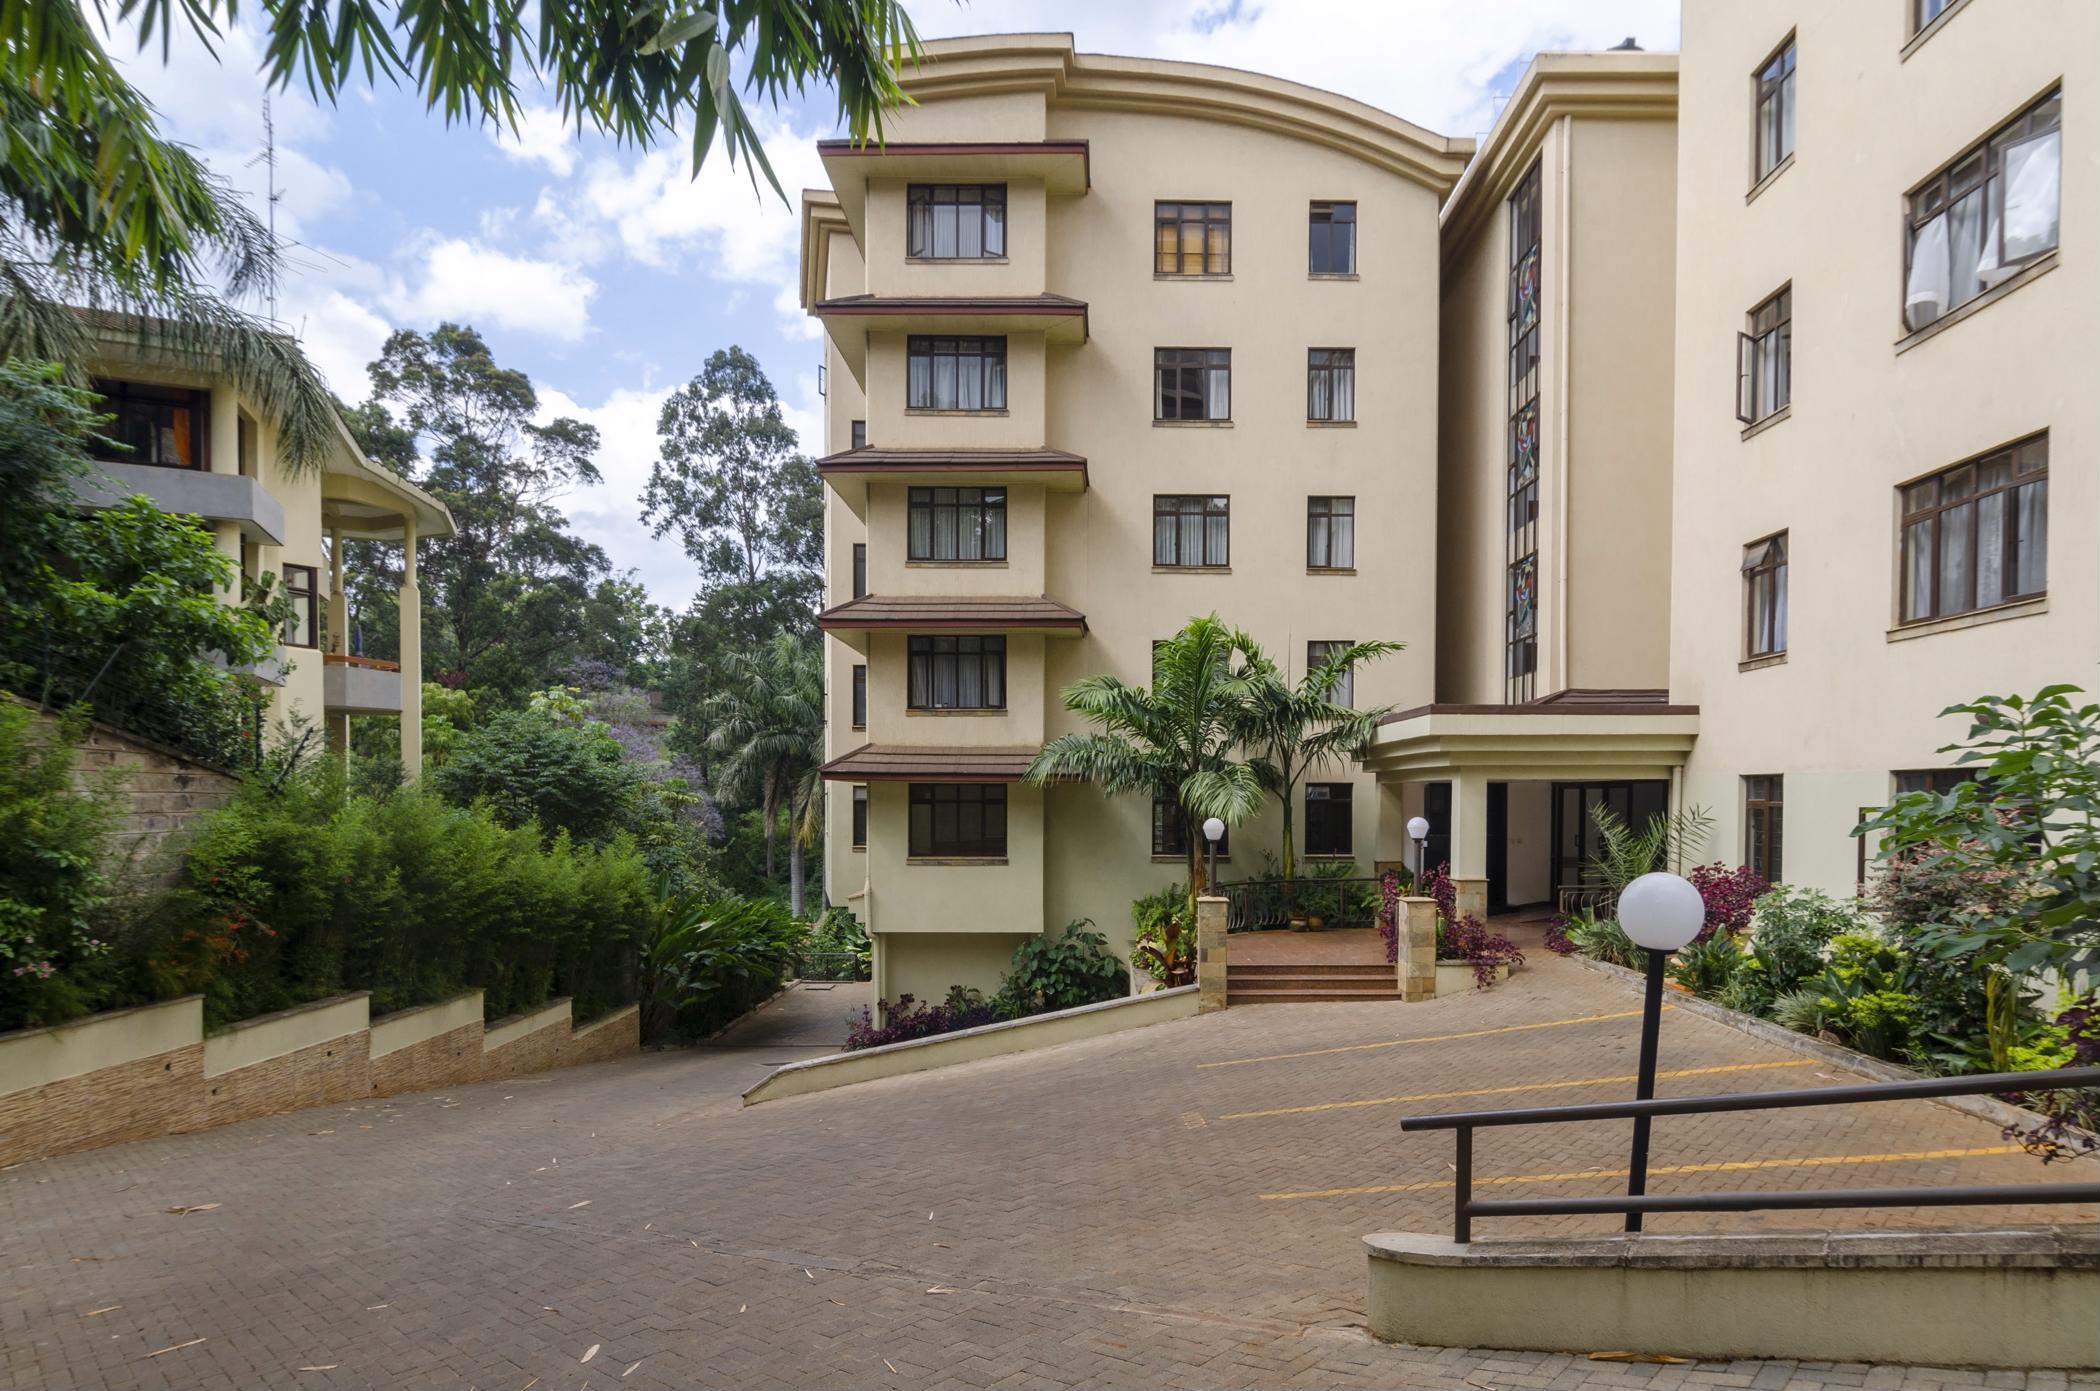 2 bedroom apartment to rent in Riverside (Kenya)